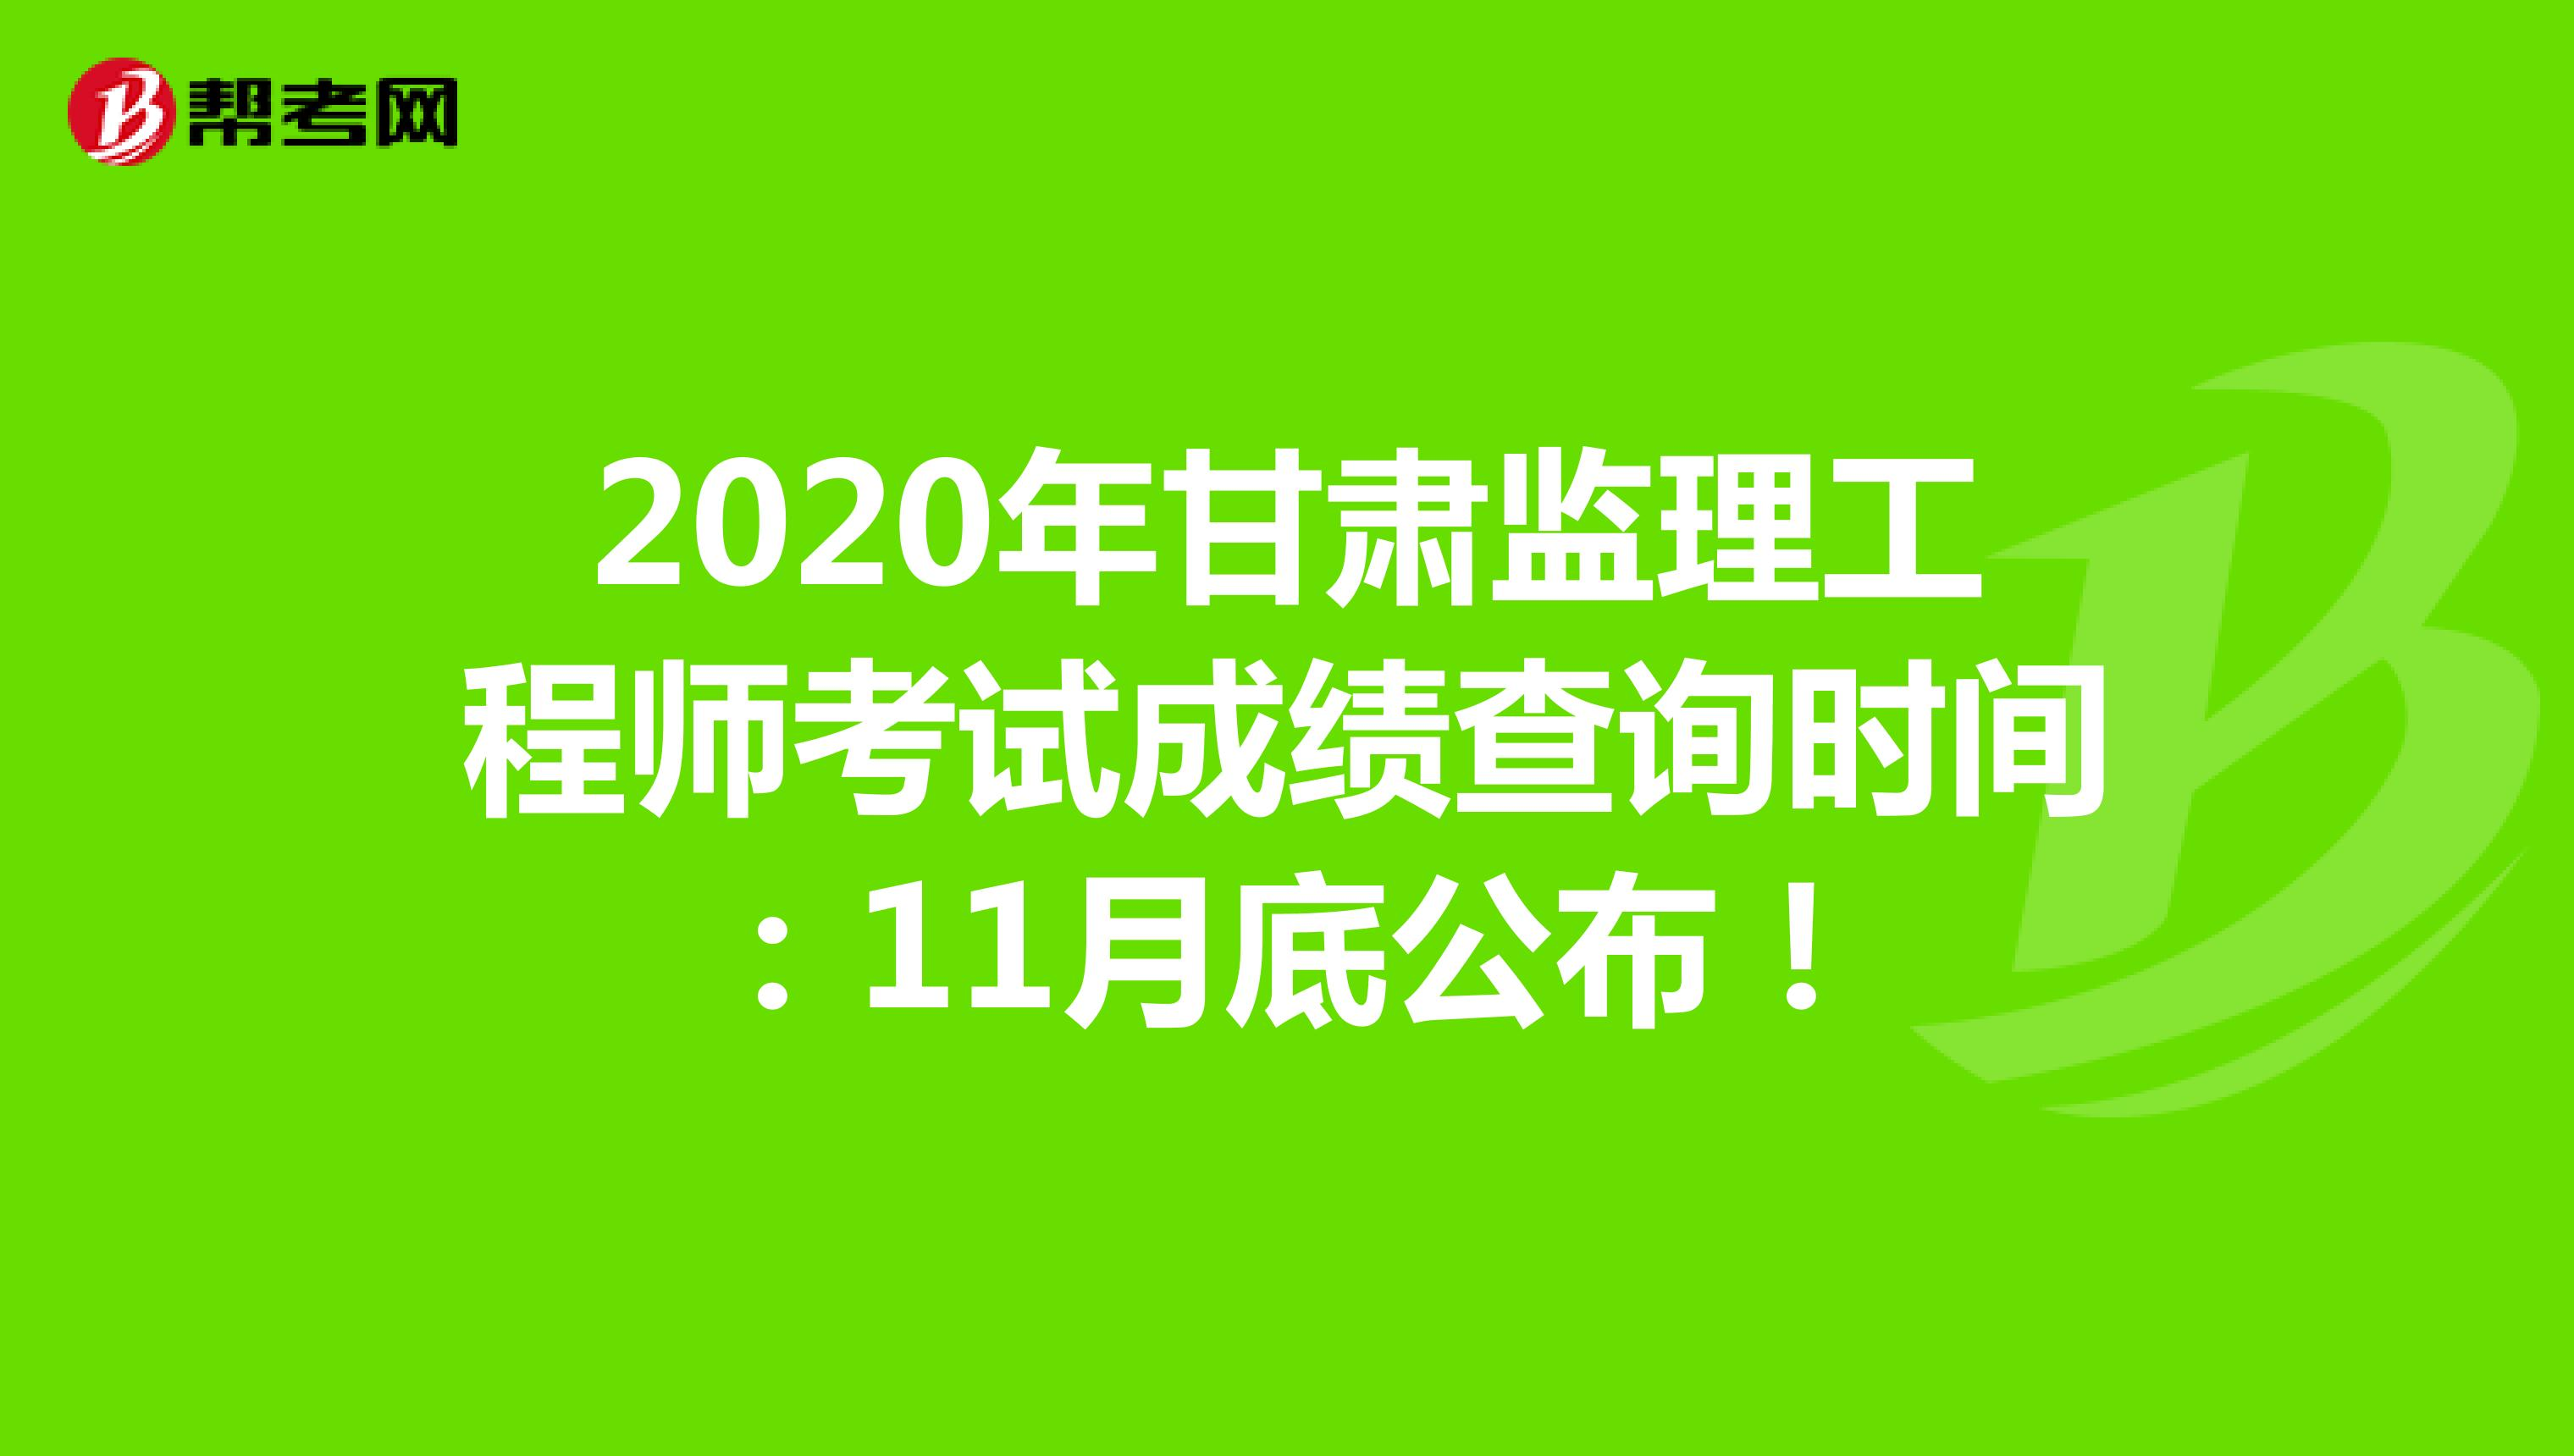 2020年甘肃监理工程师考试成绩查询时间:11月底公布!